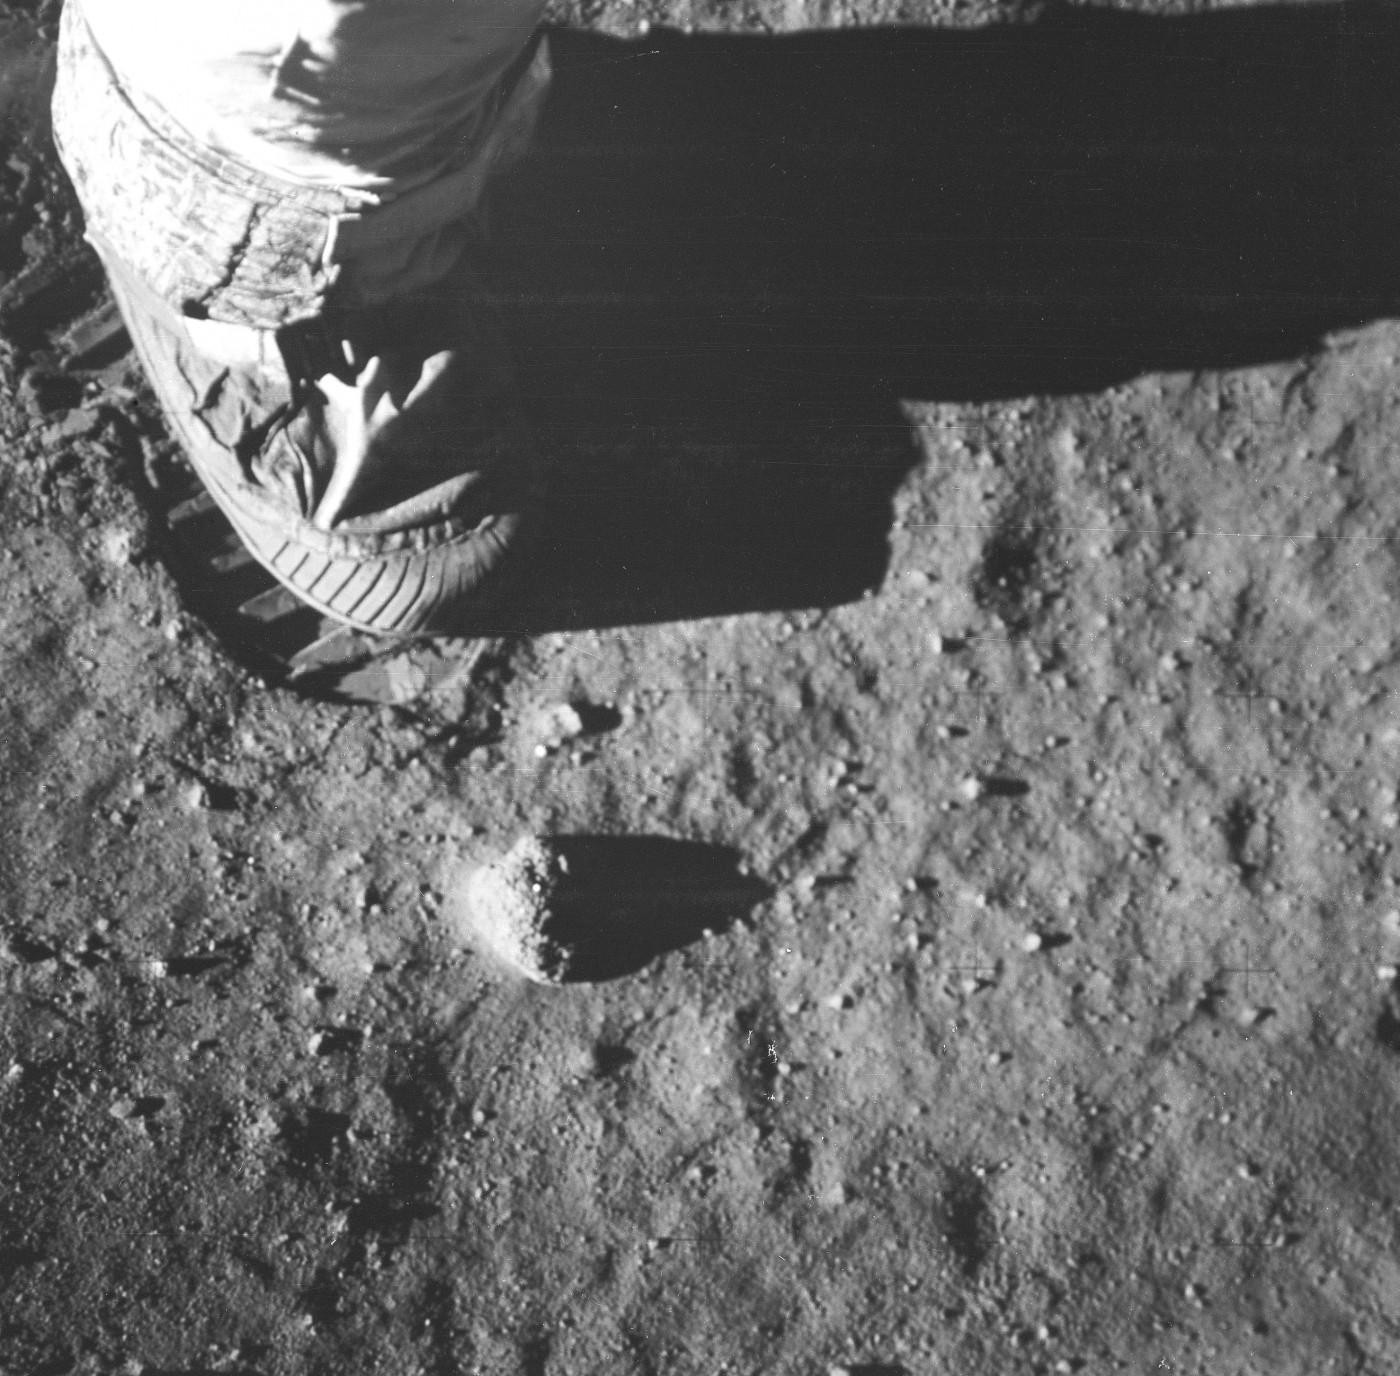 Vista ravvicinata del piede e dell'impronta di un astronauta nel suolo lunare, fotografata da una telecamera a superficie lunare da 70 mm durante l'attività extraveicolare della superficie lunare dell'Apollo 11. Immagine Nasa, 20 luglio 1969